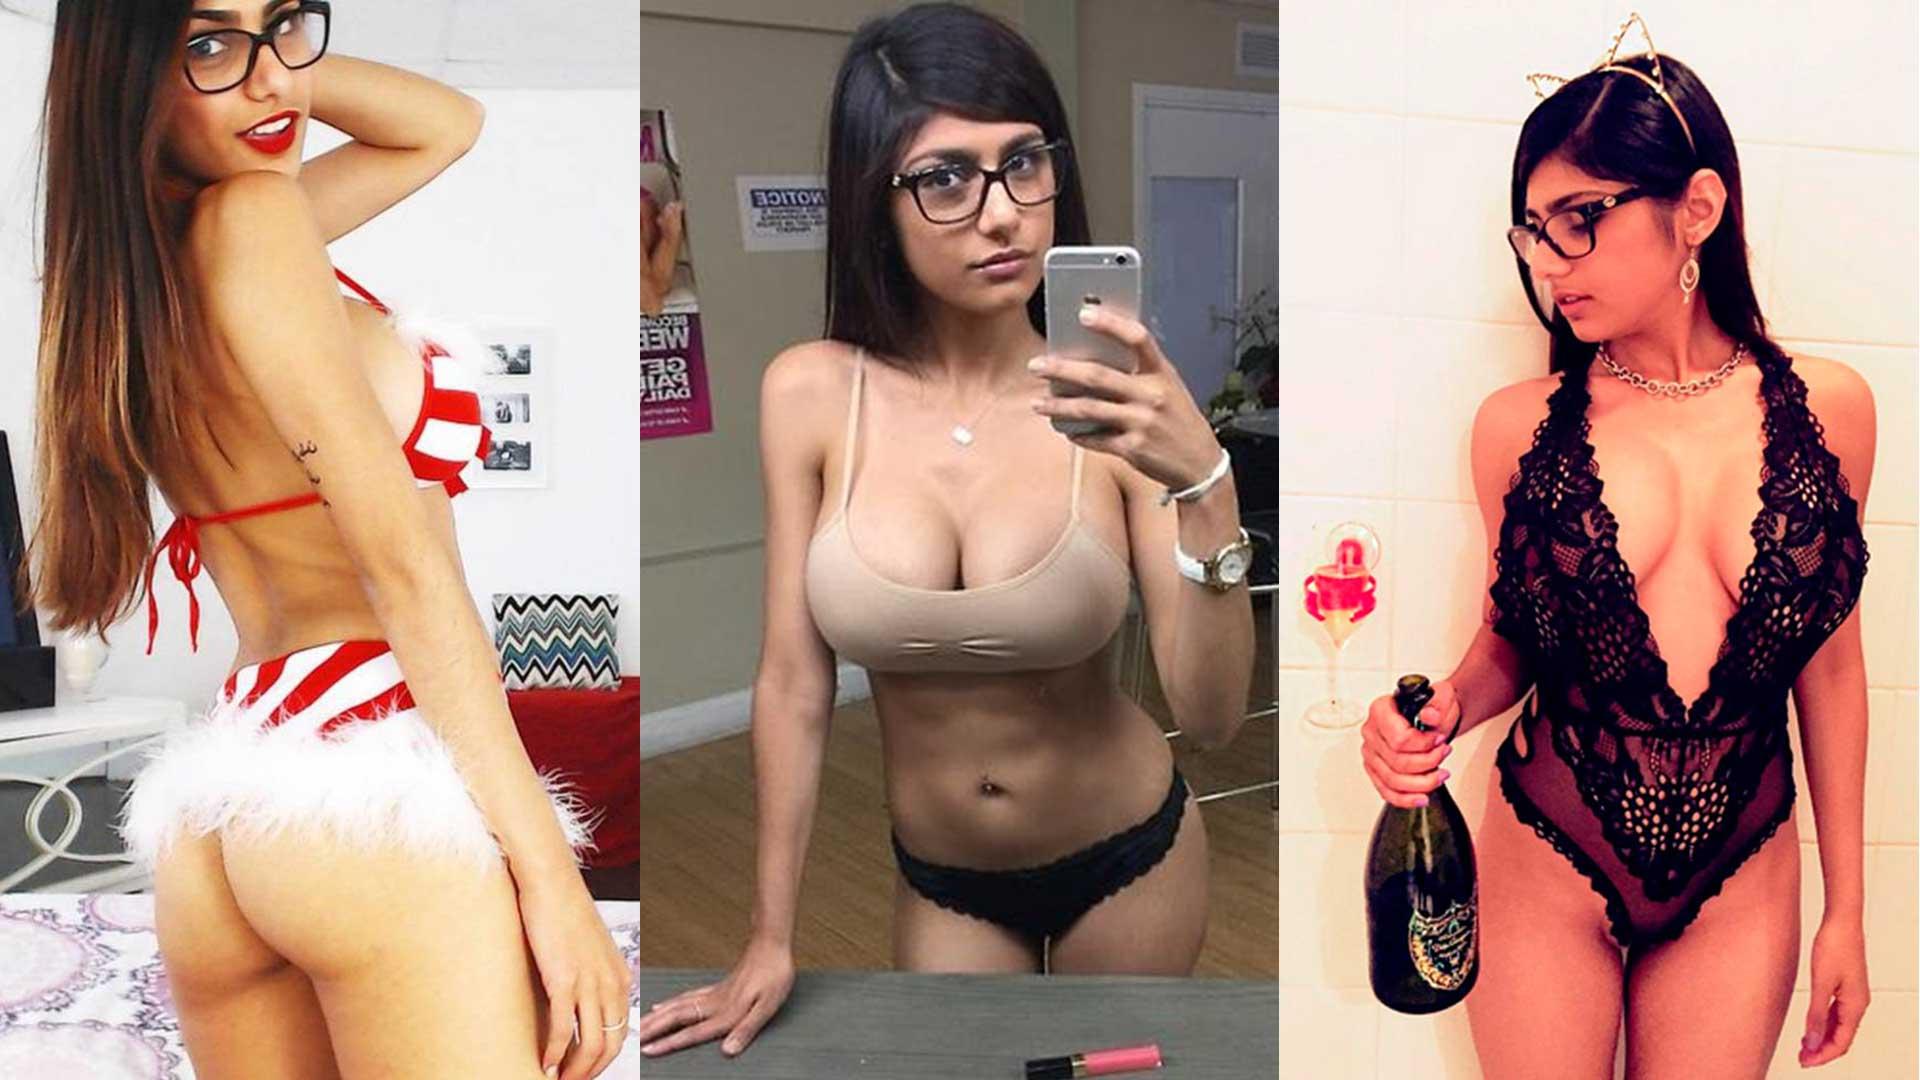 Actriz Porno Mas Buscada En Internet mia khalifa dejará su carrera como actriz porno para alentar